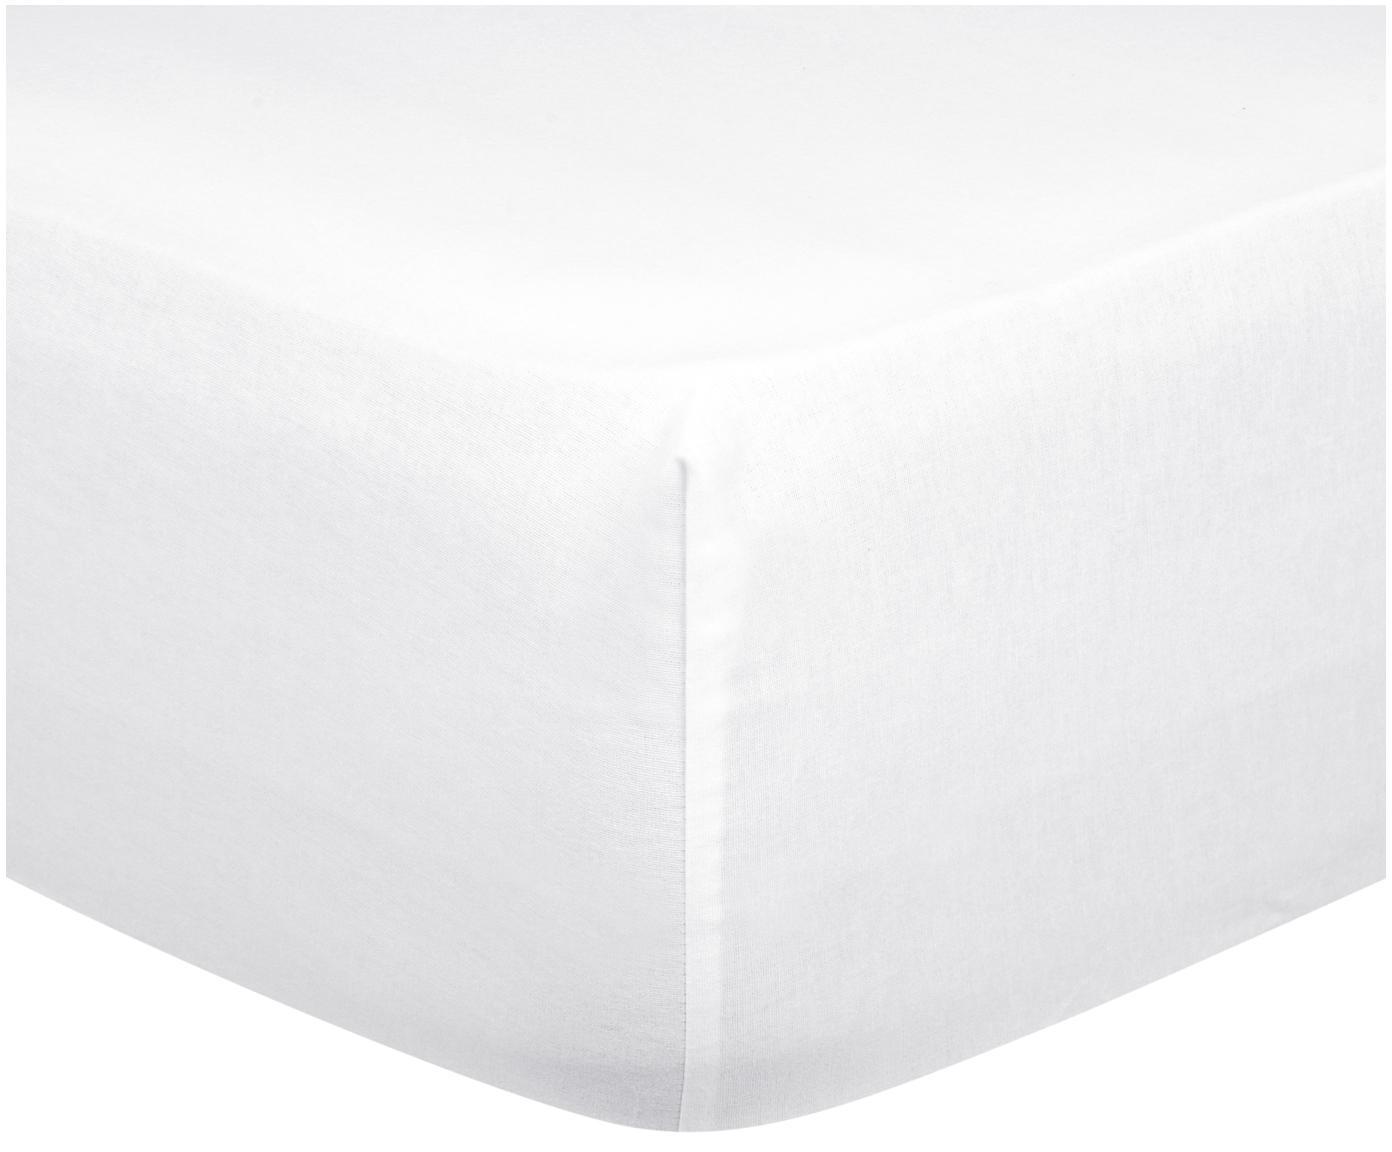 Flanellen hoeslaken Biba, Weeftechniek: flanel, Wit, 90 x 200 cm